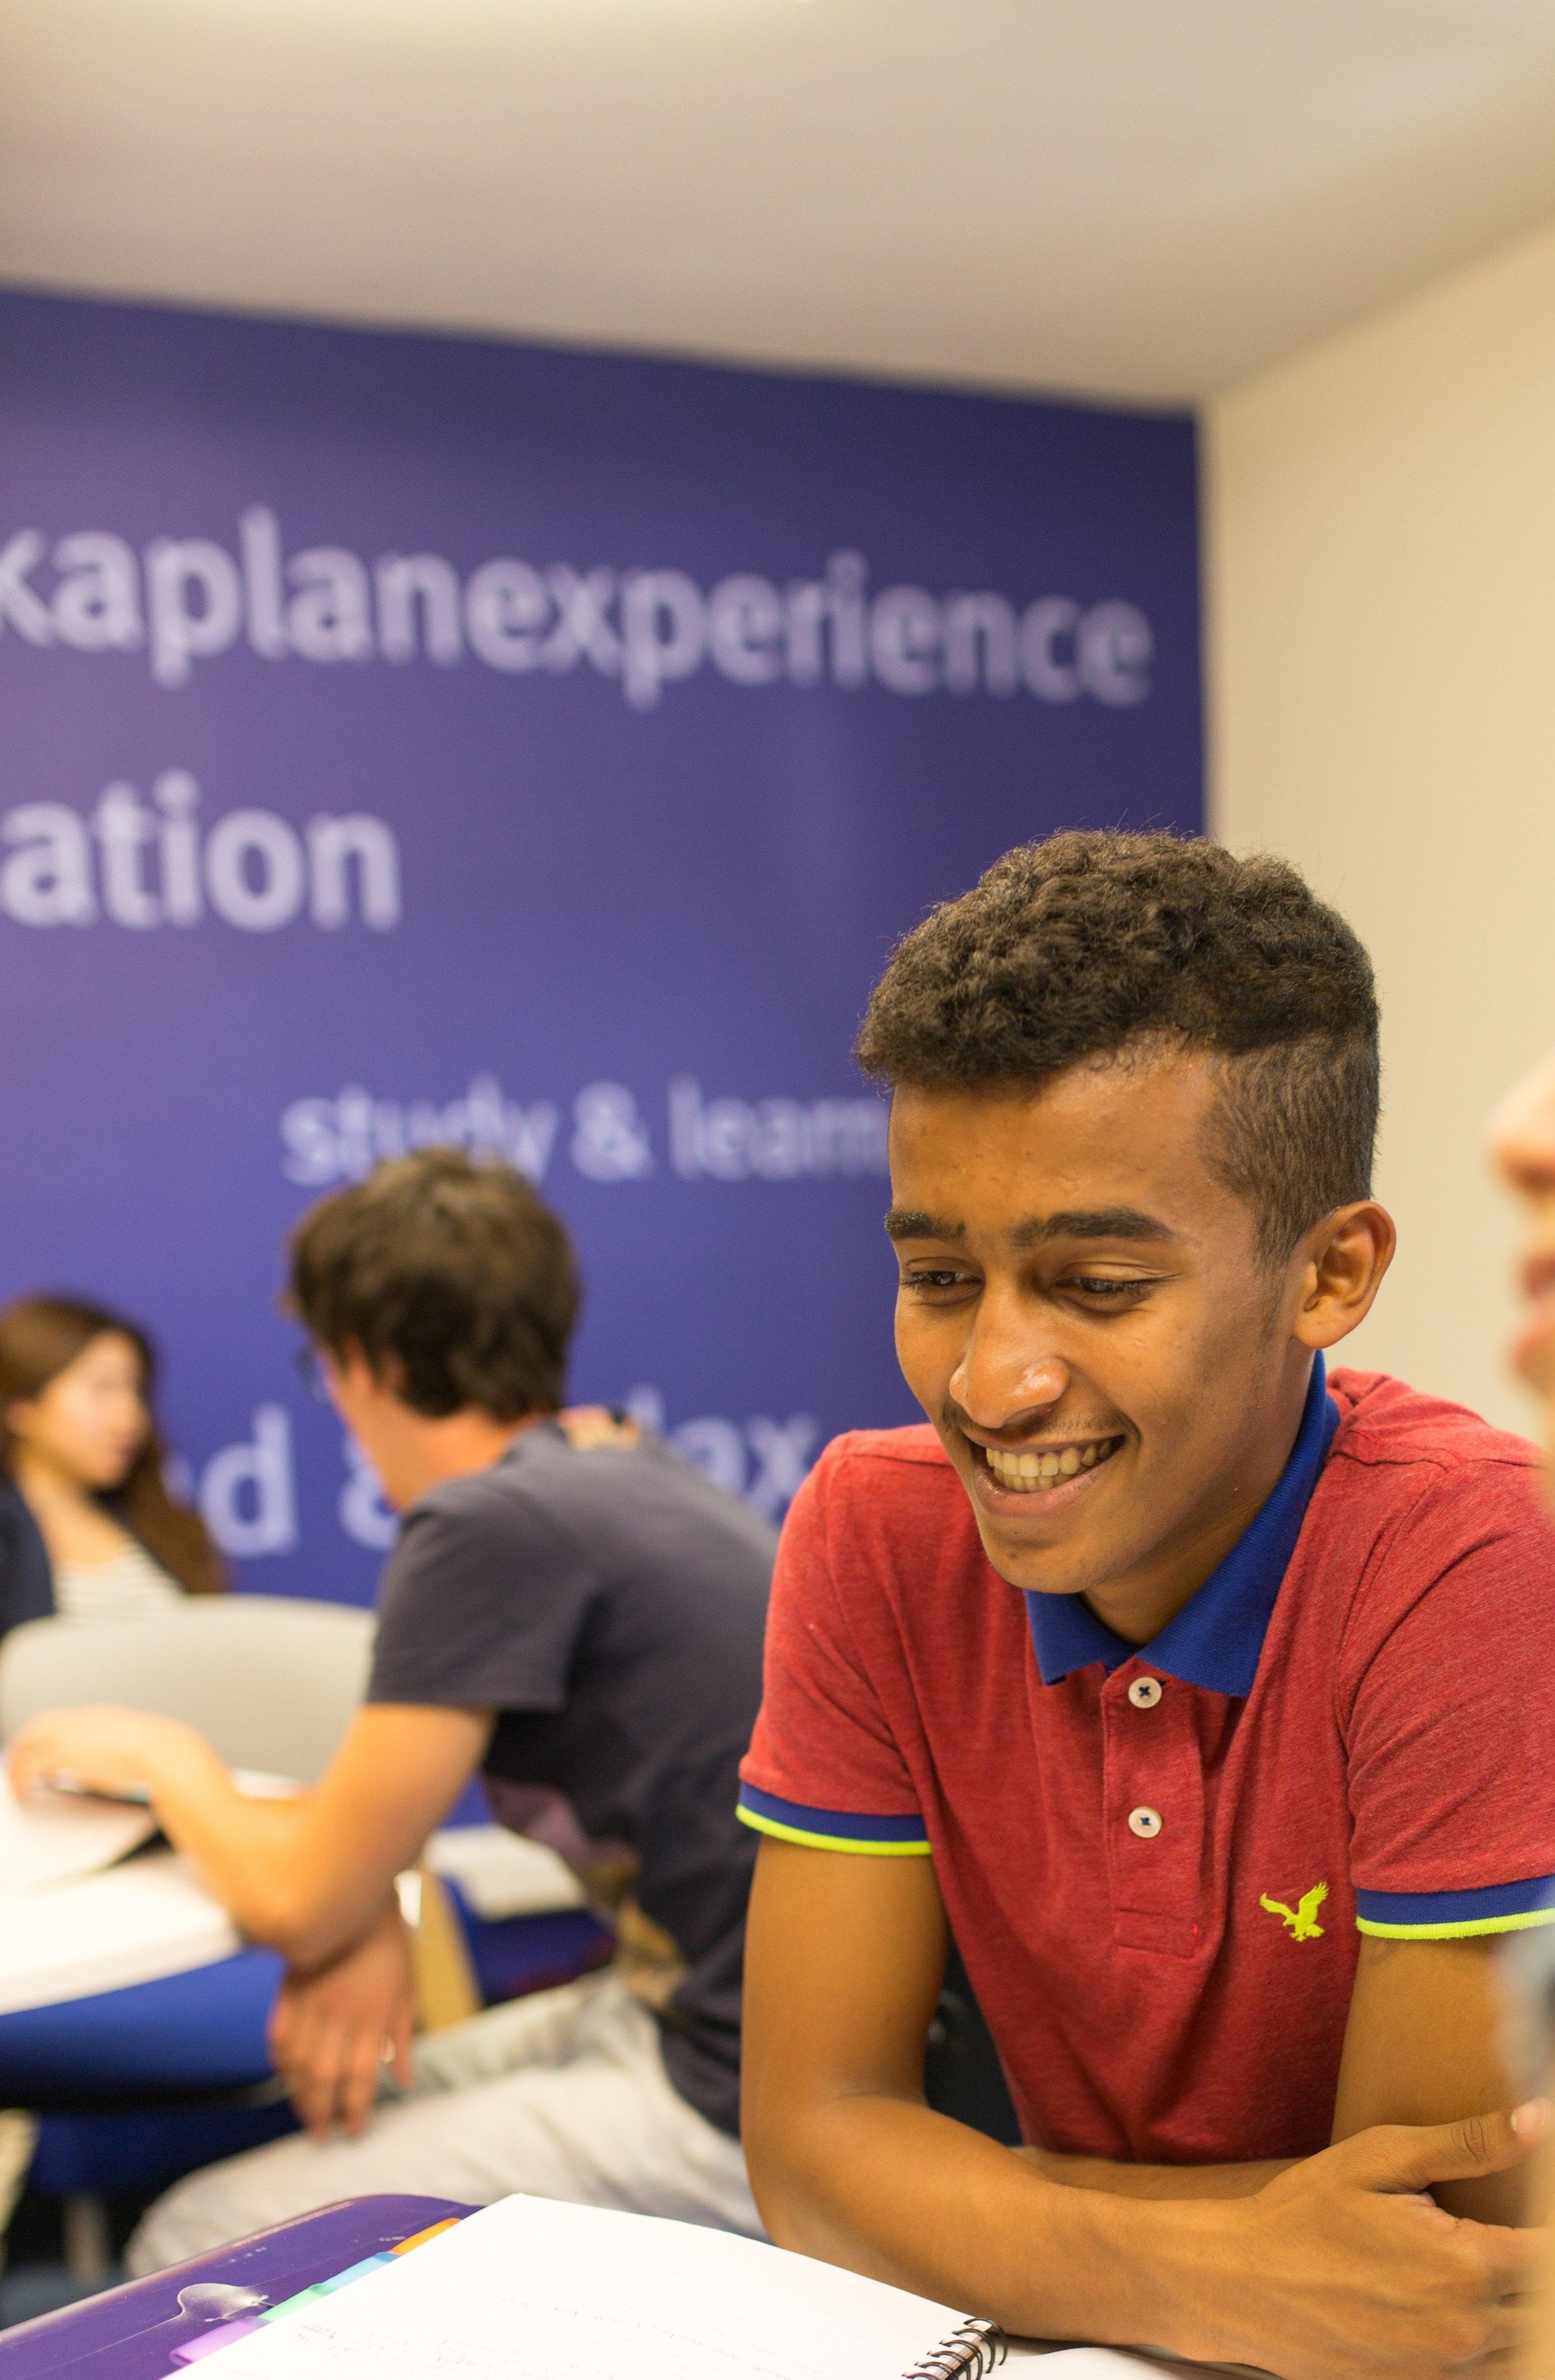 Smiling Student 3.jpg